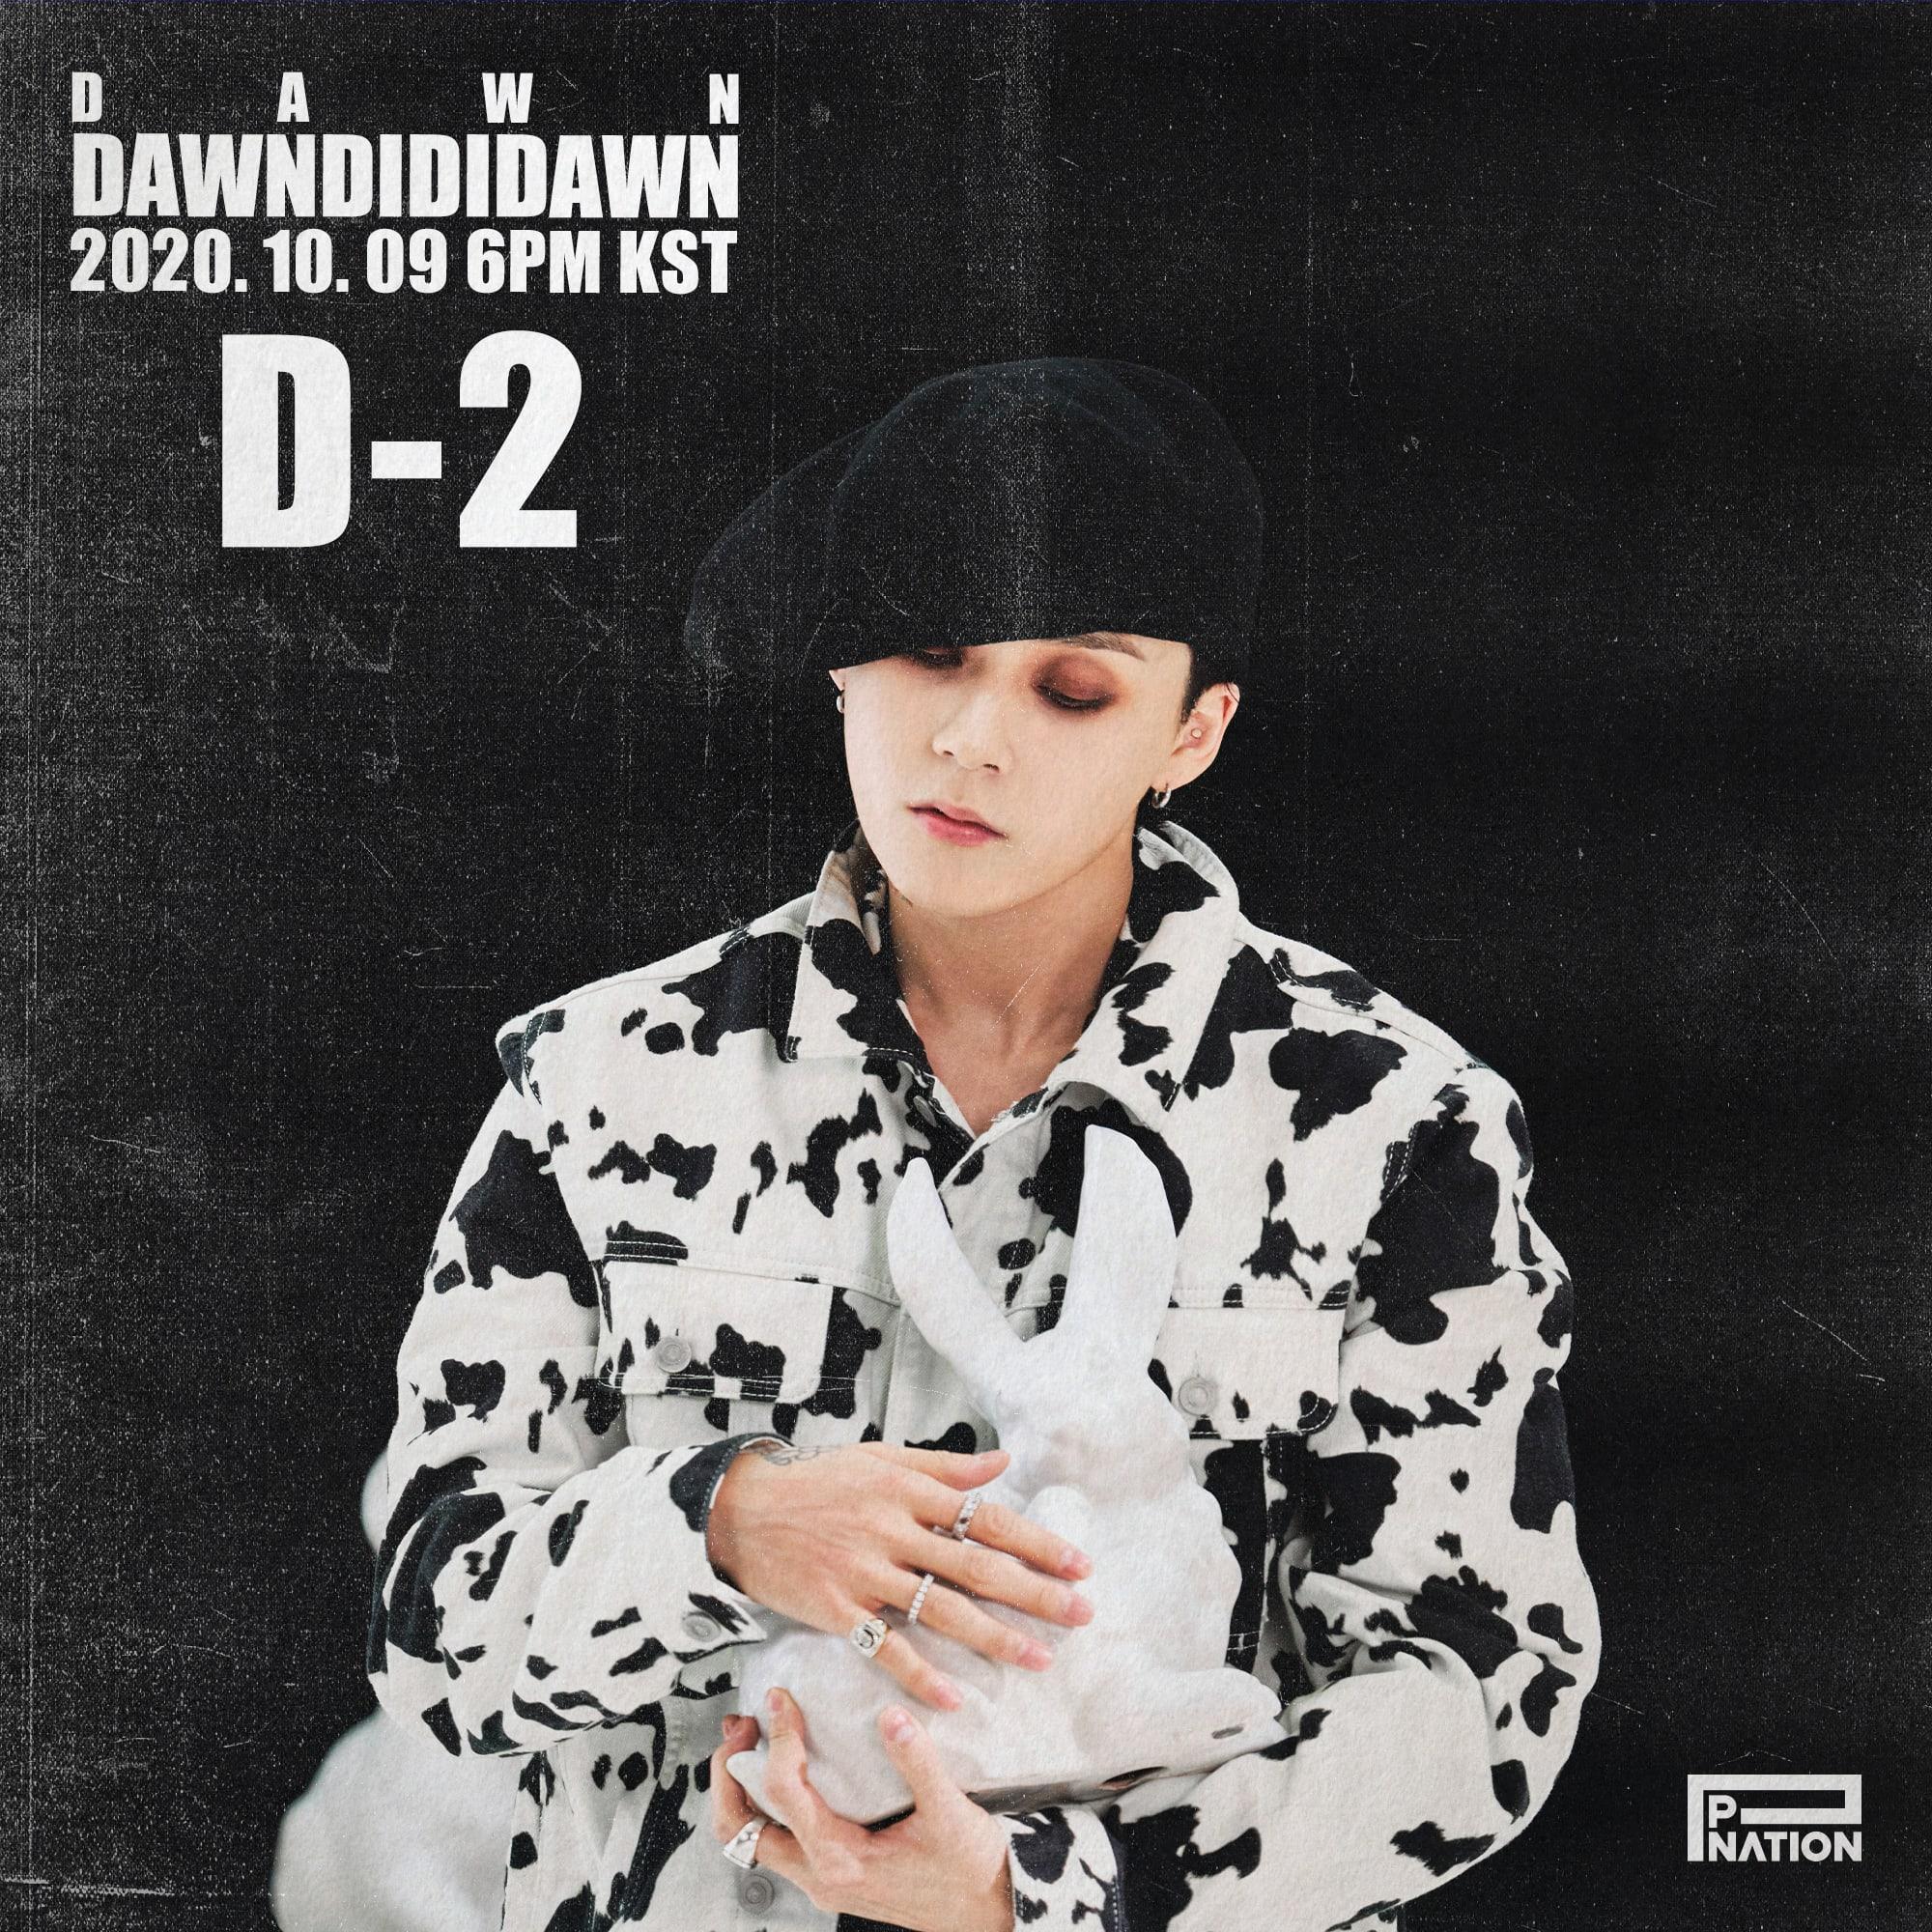 dawn 22